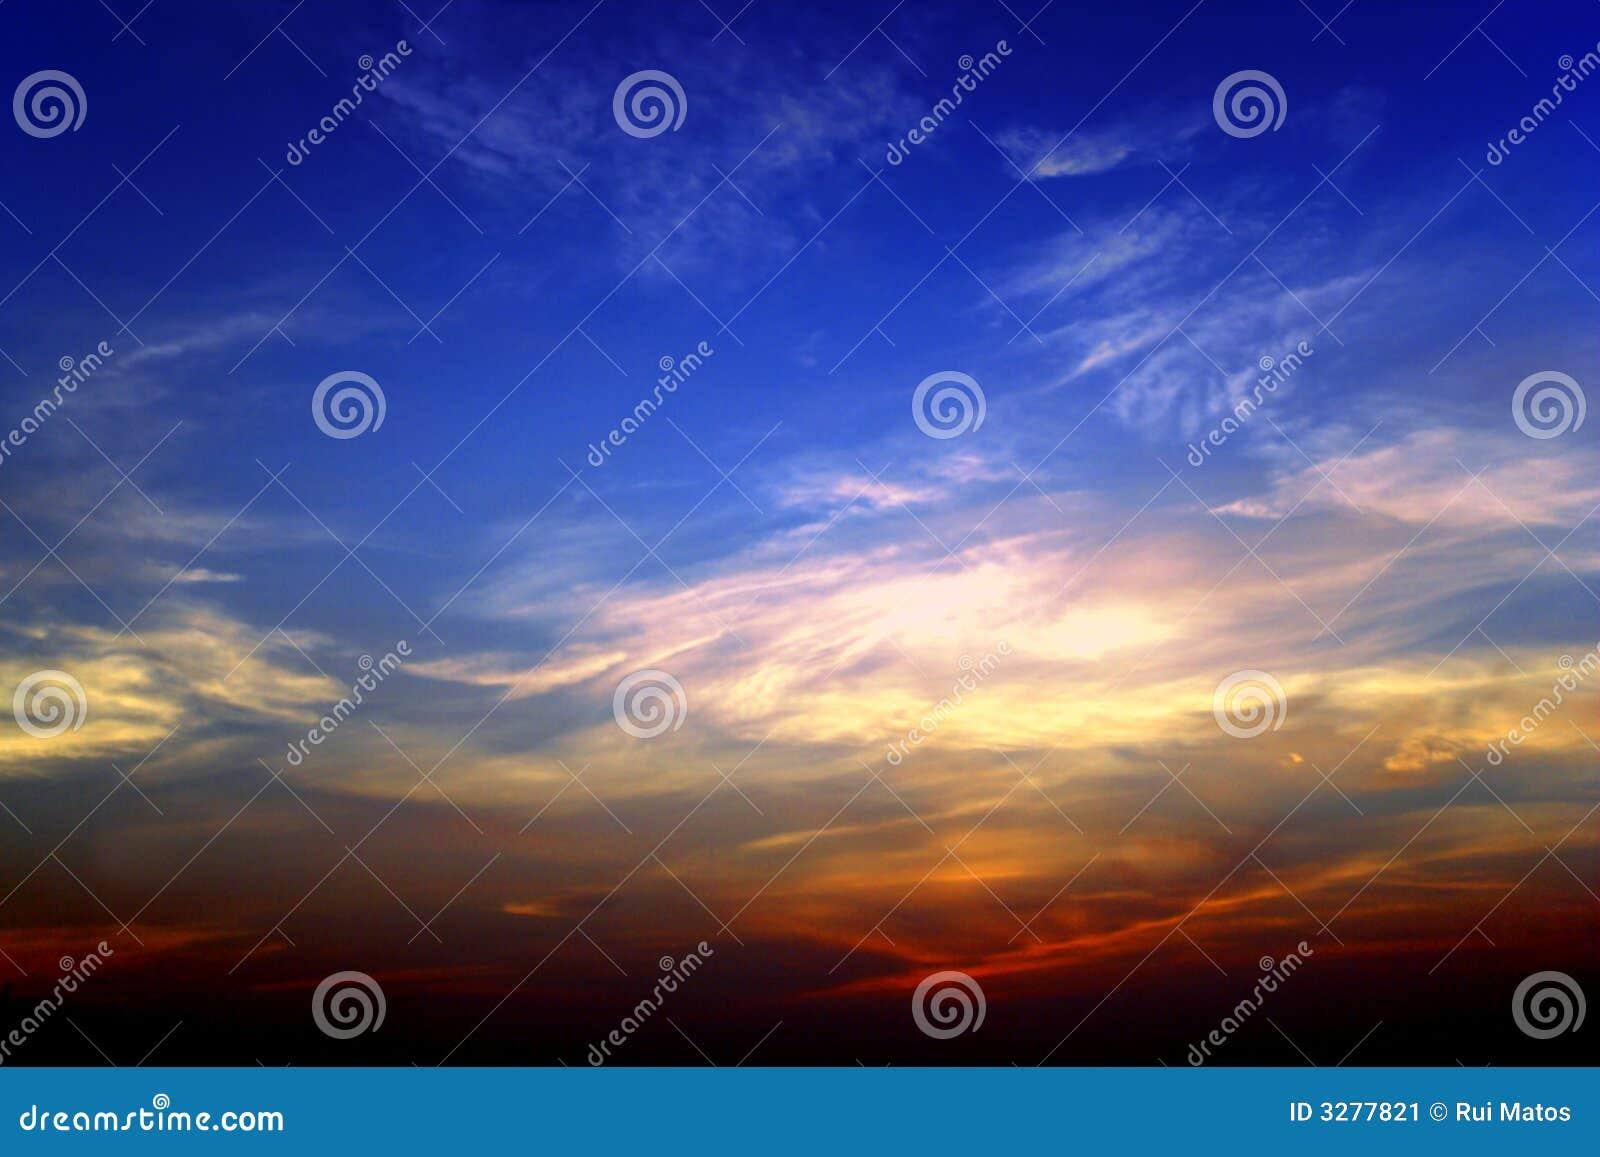 Sonnenunterganghimmel voll von Farben